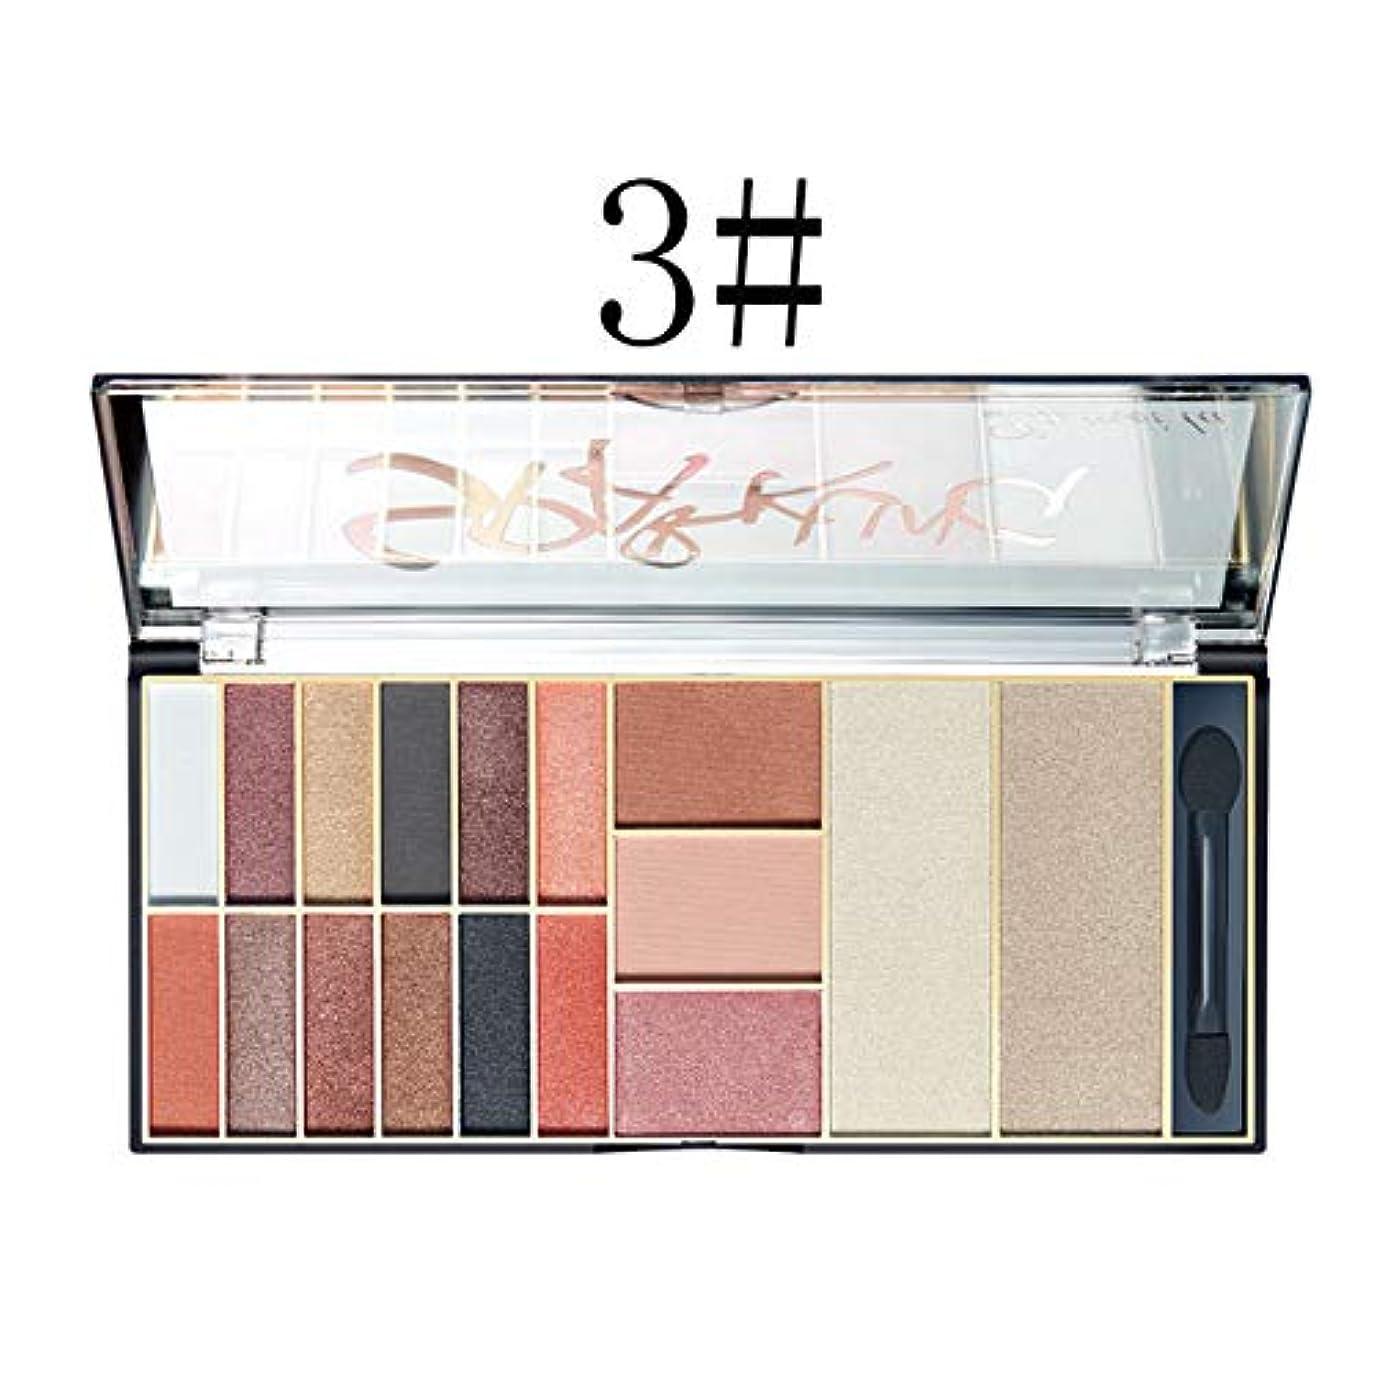 キャンバス不毛の摂氏度Akane アイシャドウパレット SPARKUNG ファッション 魅力的 スモーキー プロ 高級 自然 美しい 防水 素敵 綺麗 持ち便利 日常 Eye Shadow (17色) 5011